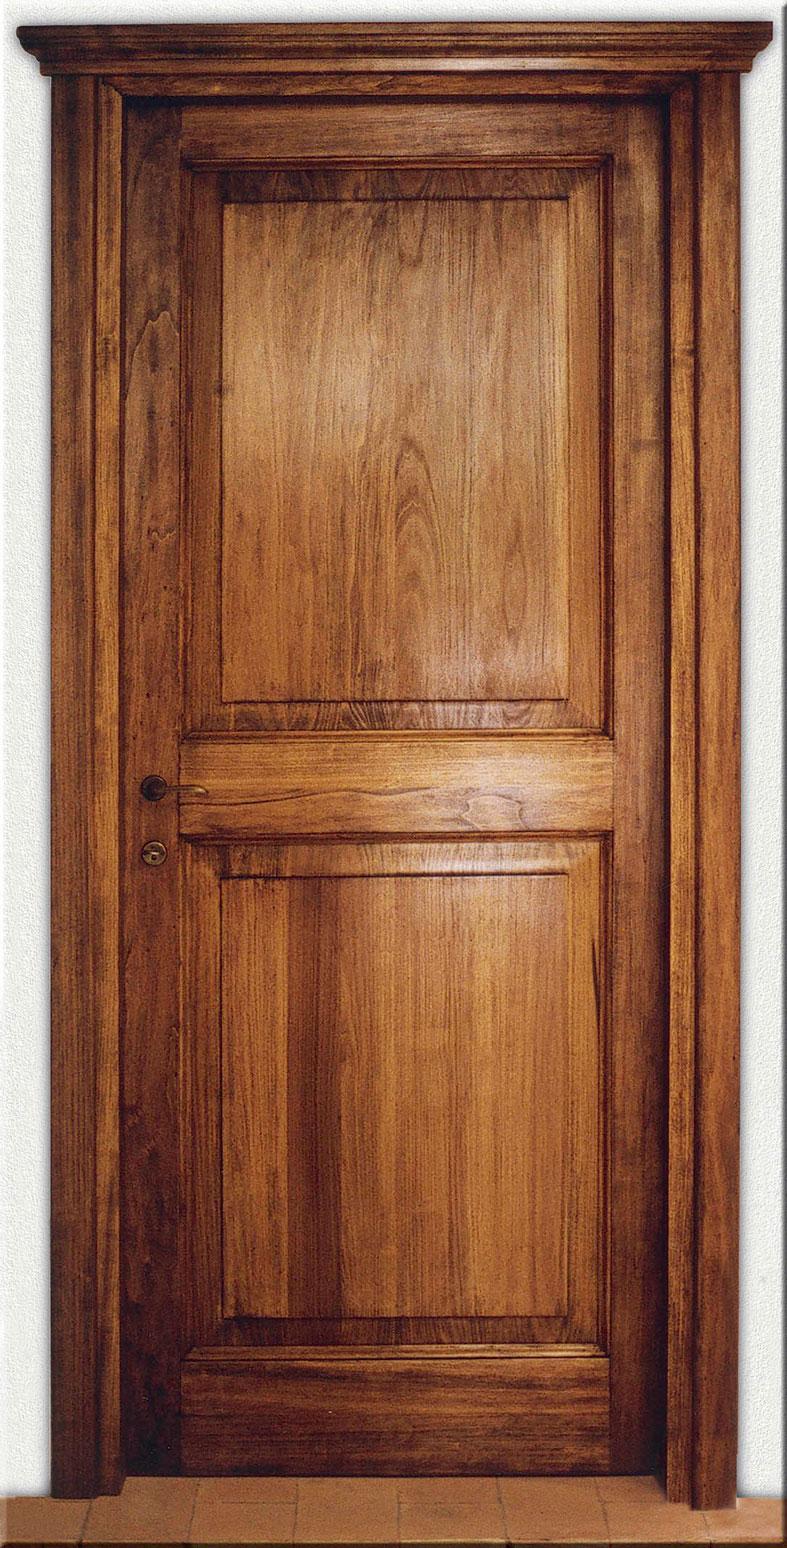 Porta 900 2bu Retrò: in legno massello di pioppo invecchiato ...